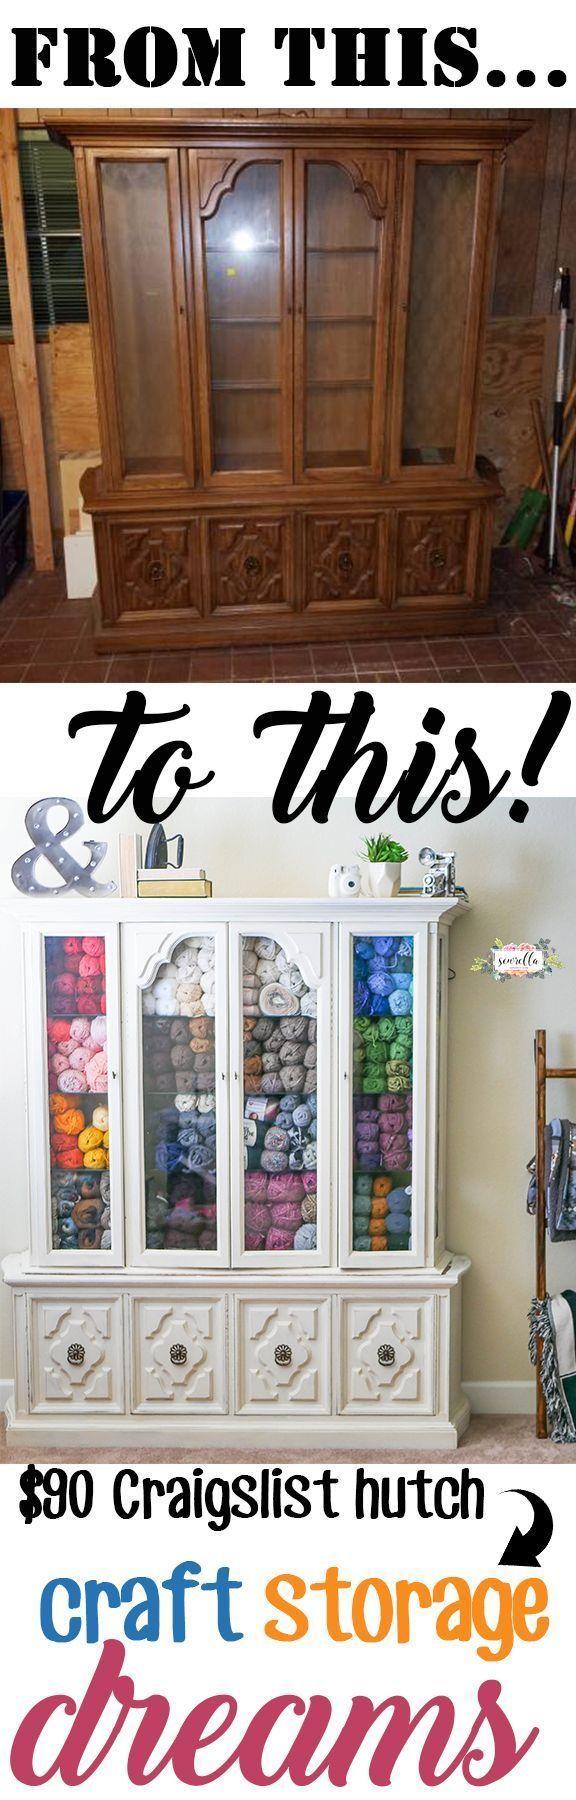 Yarn Storage Dreams